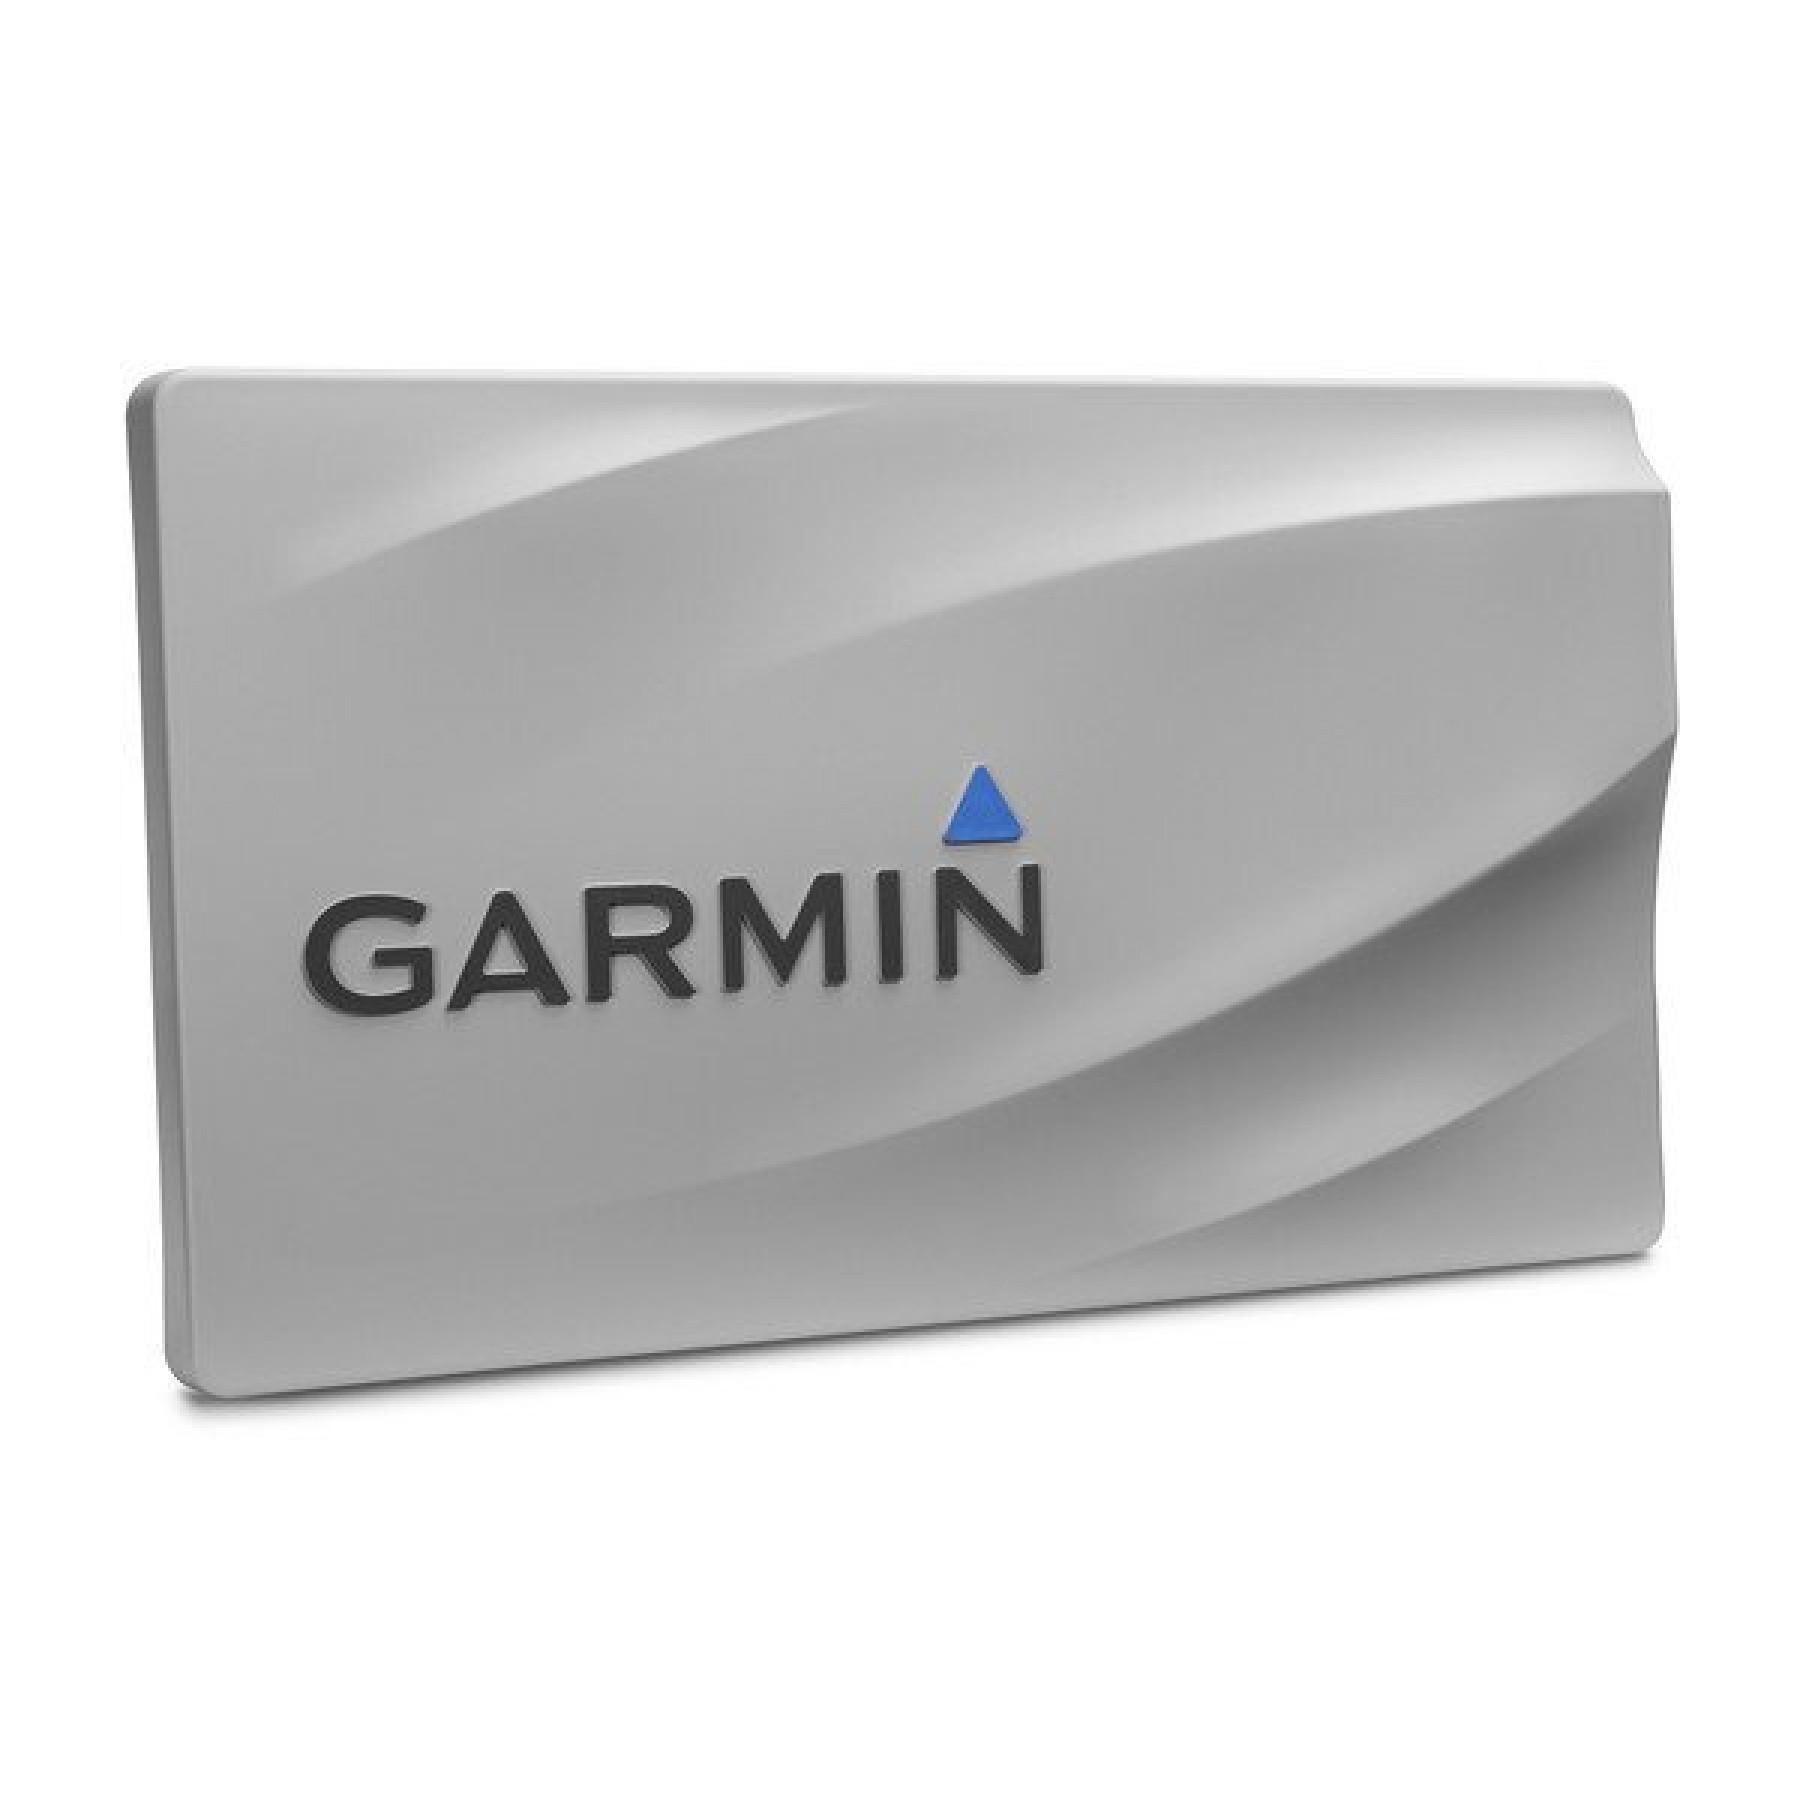 Protective cover Garmin gpsmap série 12x2